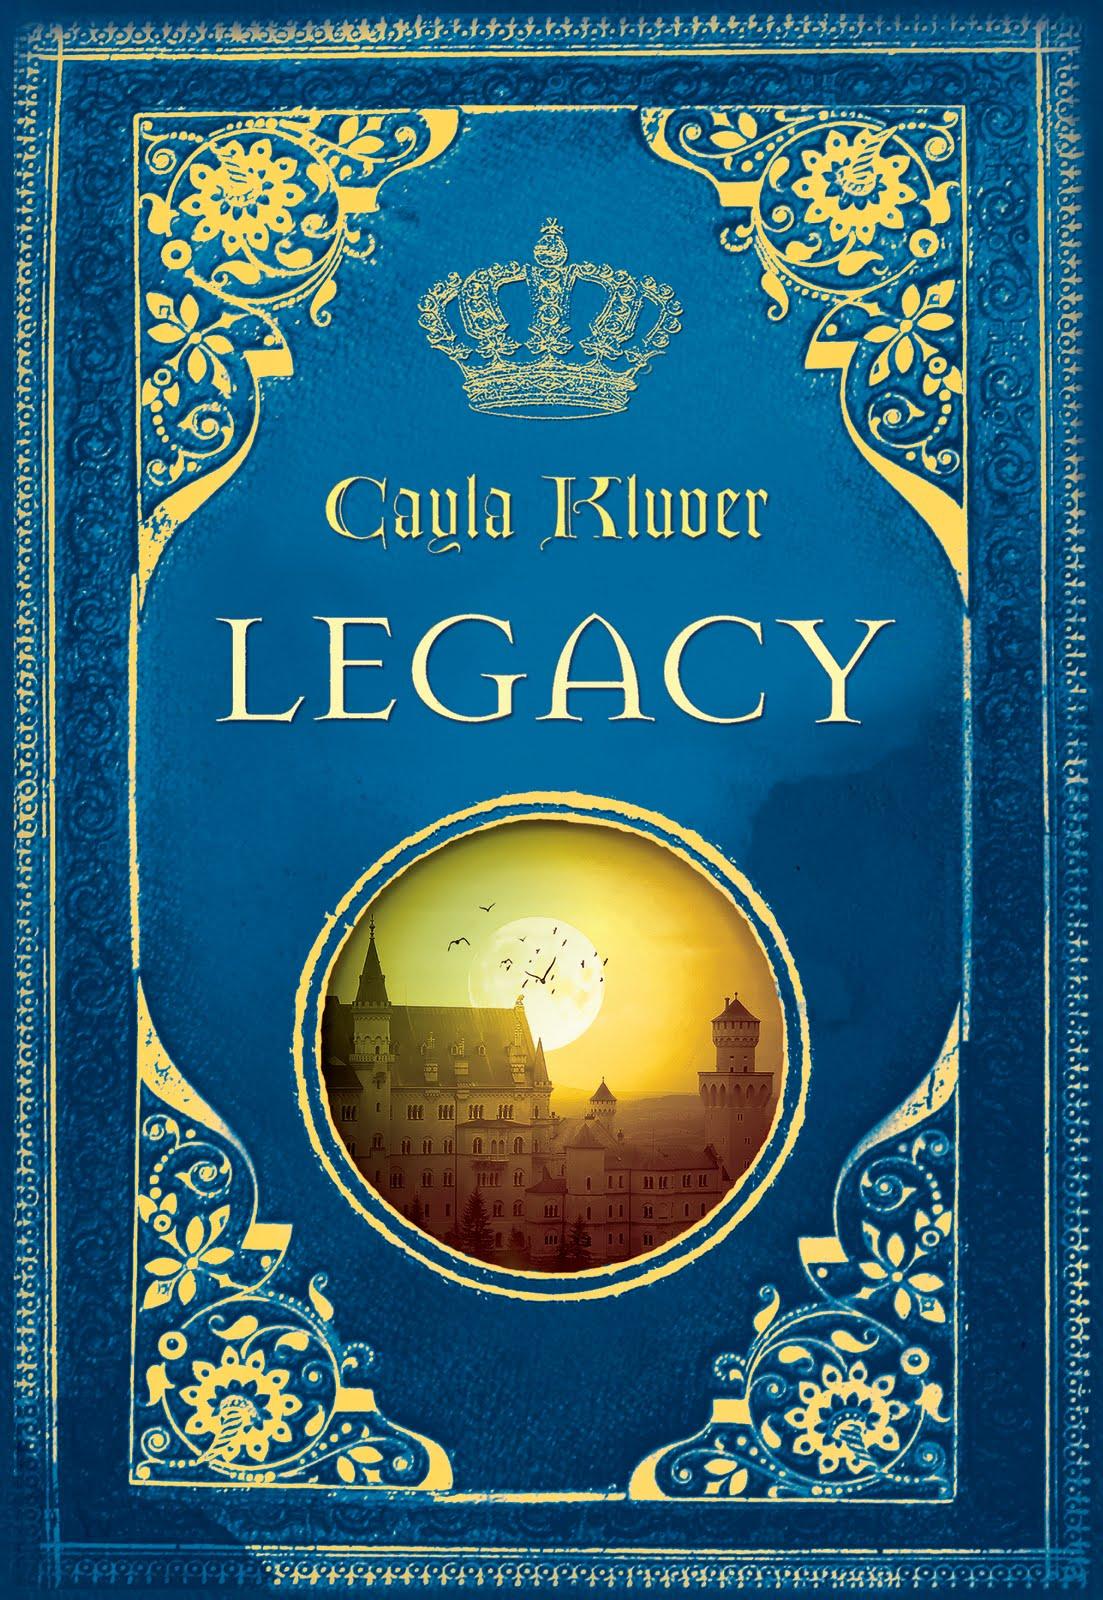 Book Cover Portadas Libros ~ Our passion for books portadas de la saga legacy